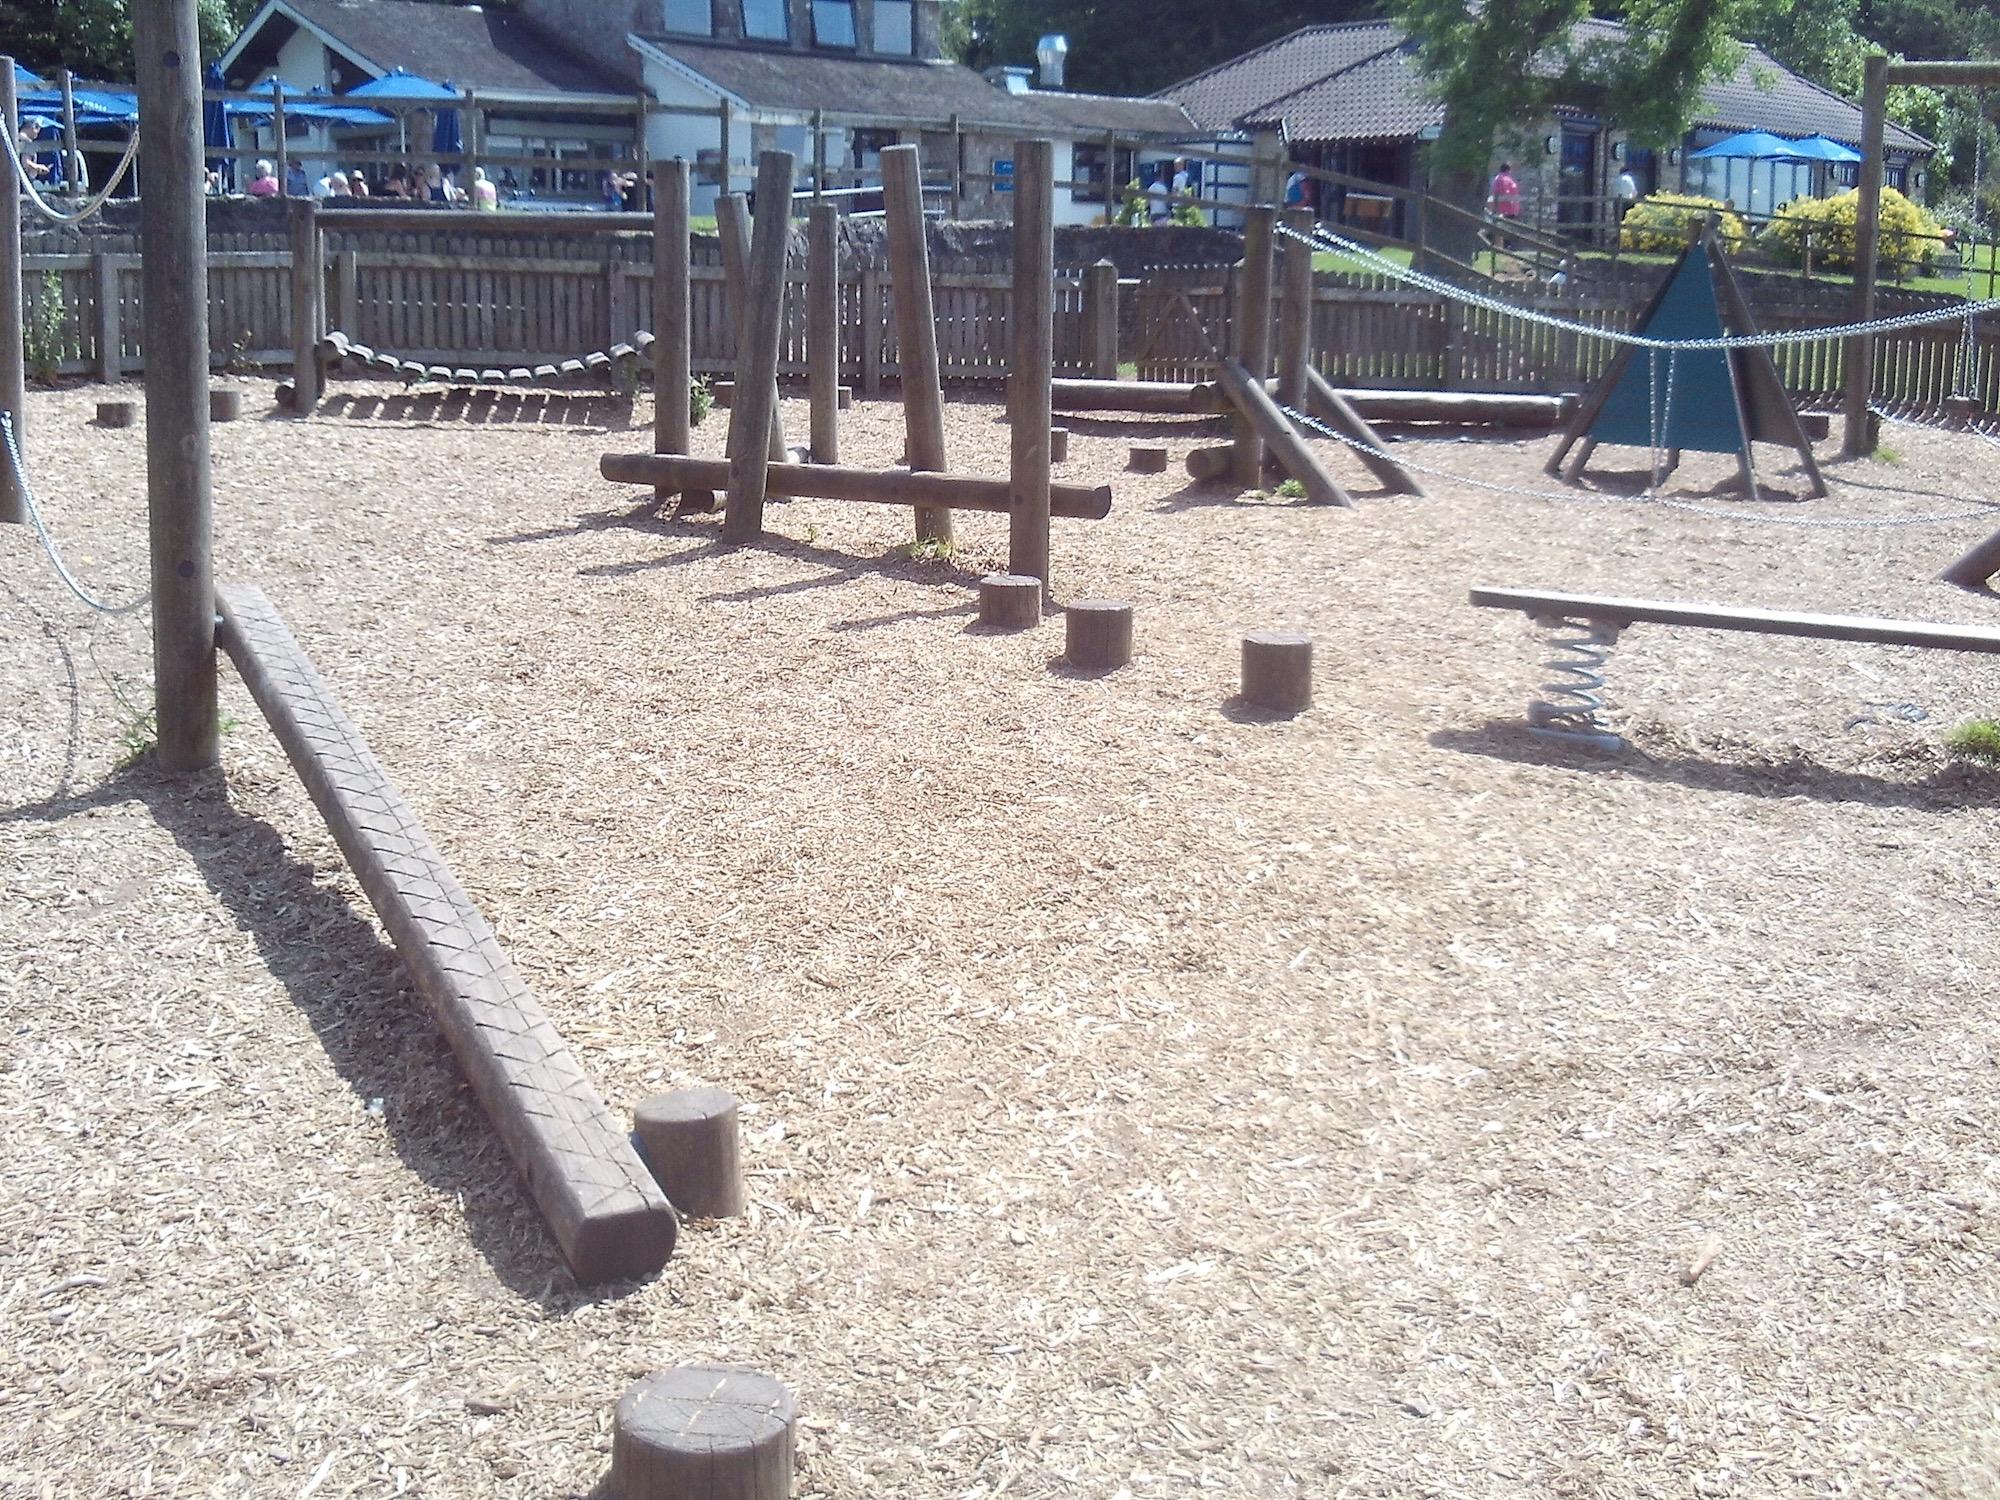 Chew Valley Lake Playground